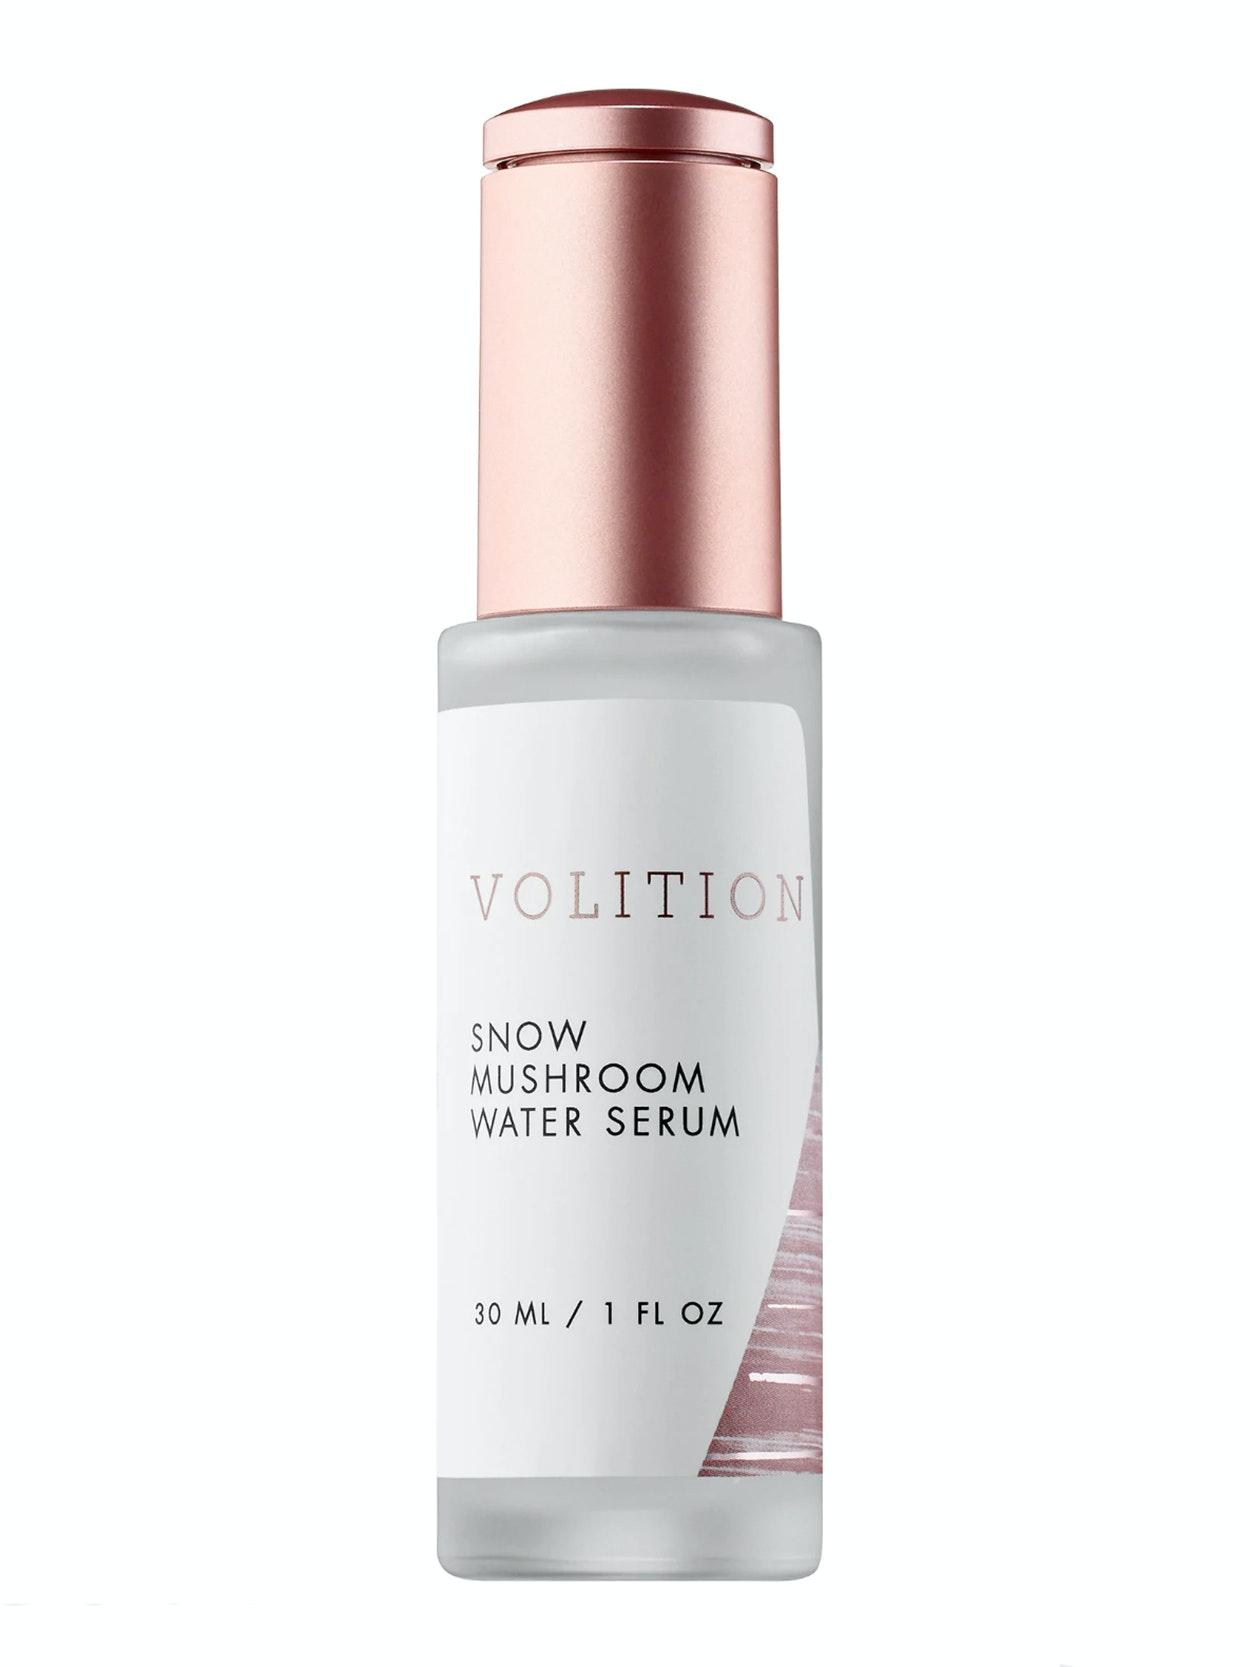 Volition serum